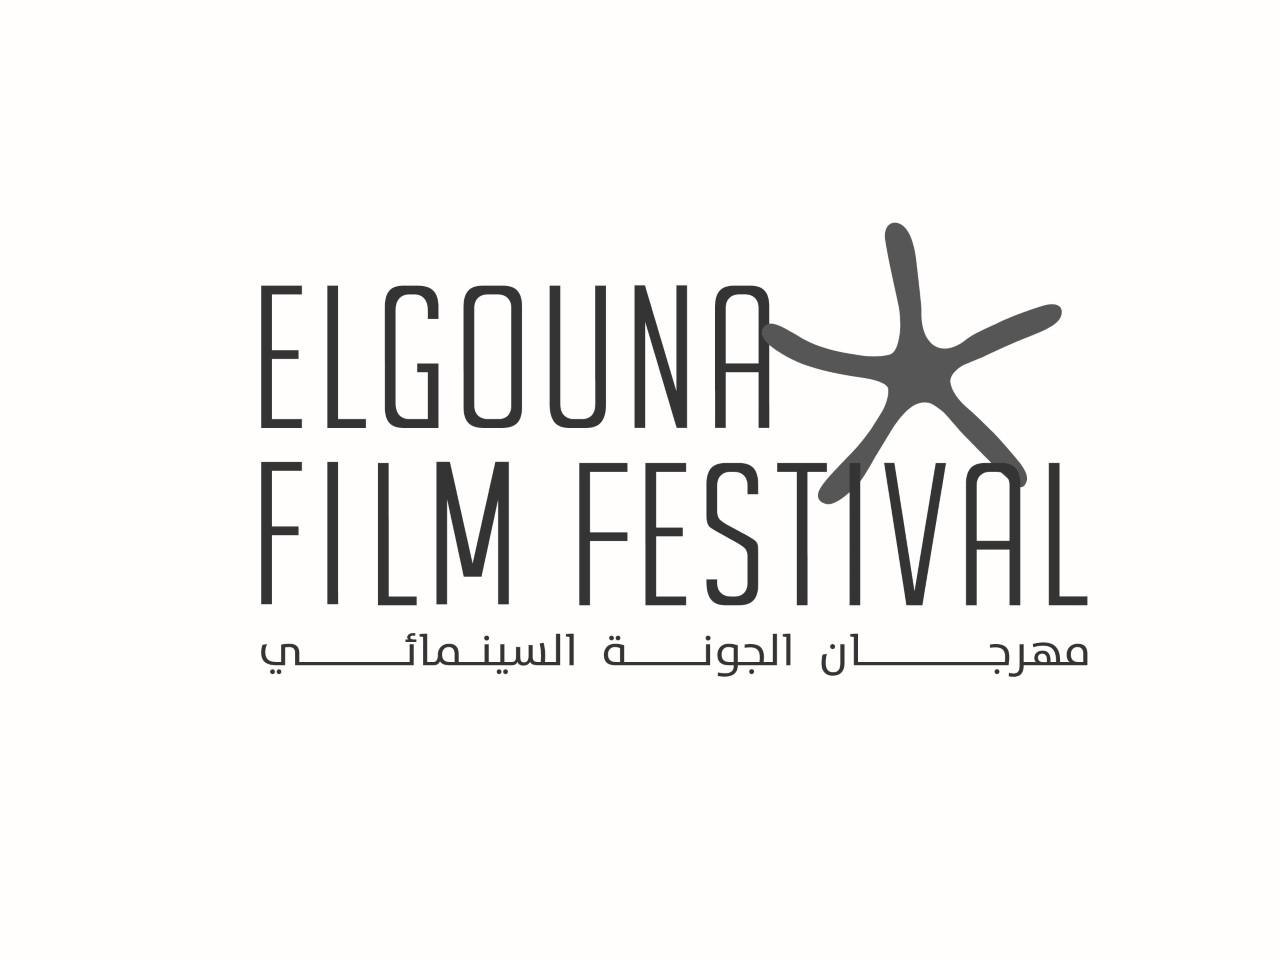 شعار مهرجان الجونة السينمائي